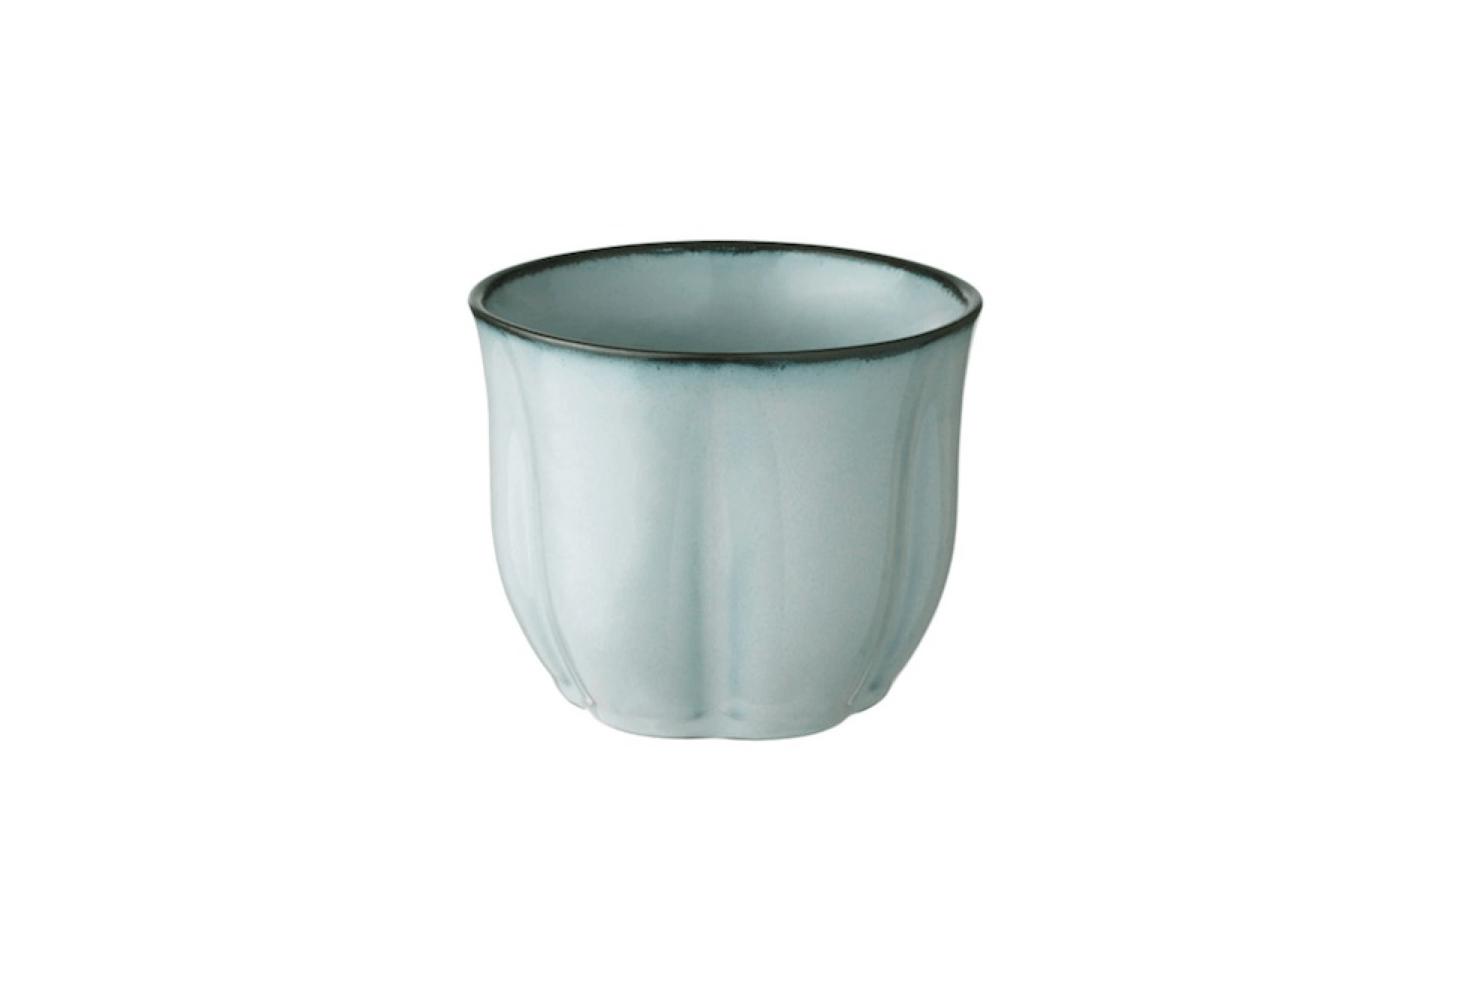 A 4.-inch glazed stoneware Sötkörsbär plant pot is $4.99 from Ikea.